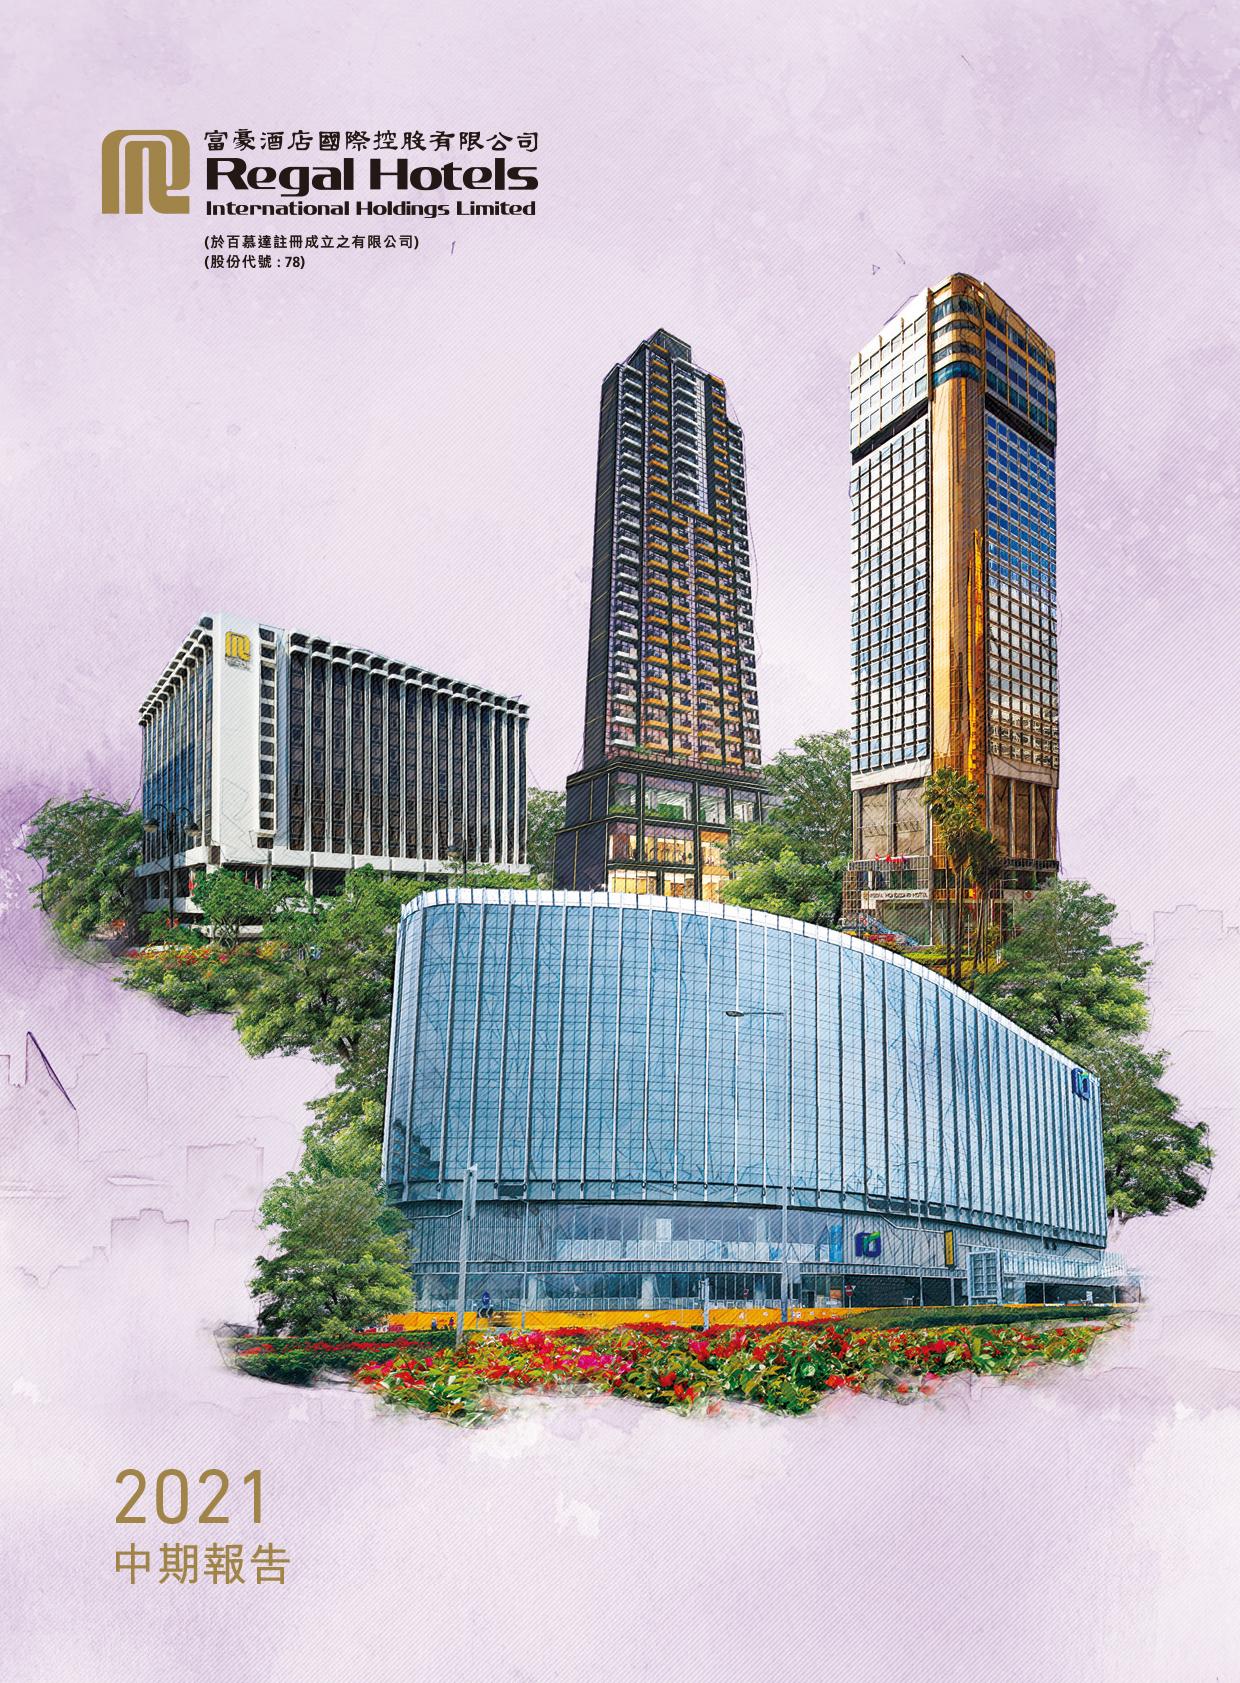 富豪酒店國際控股有限公司